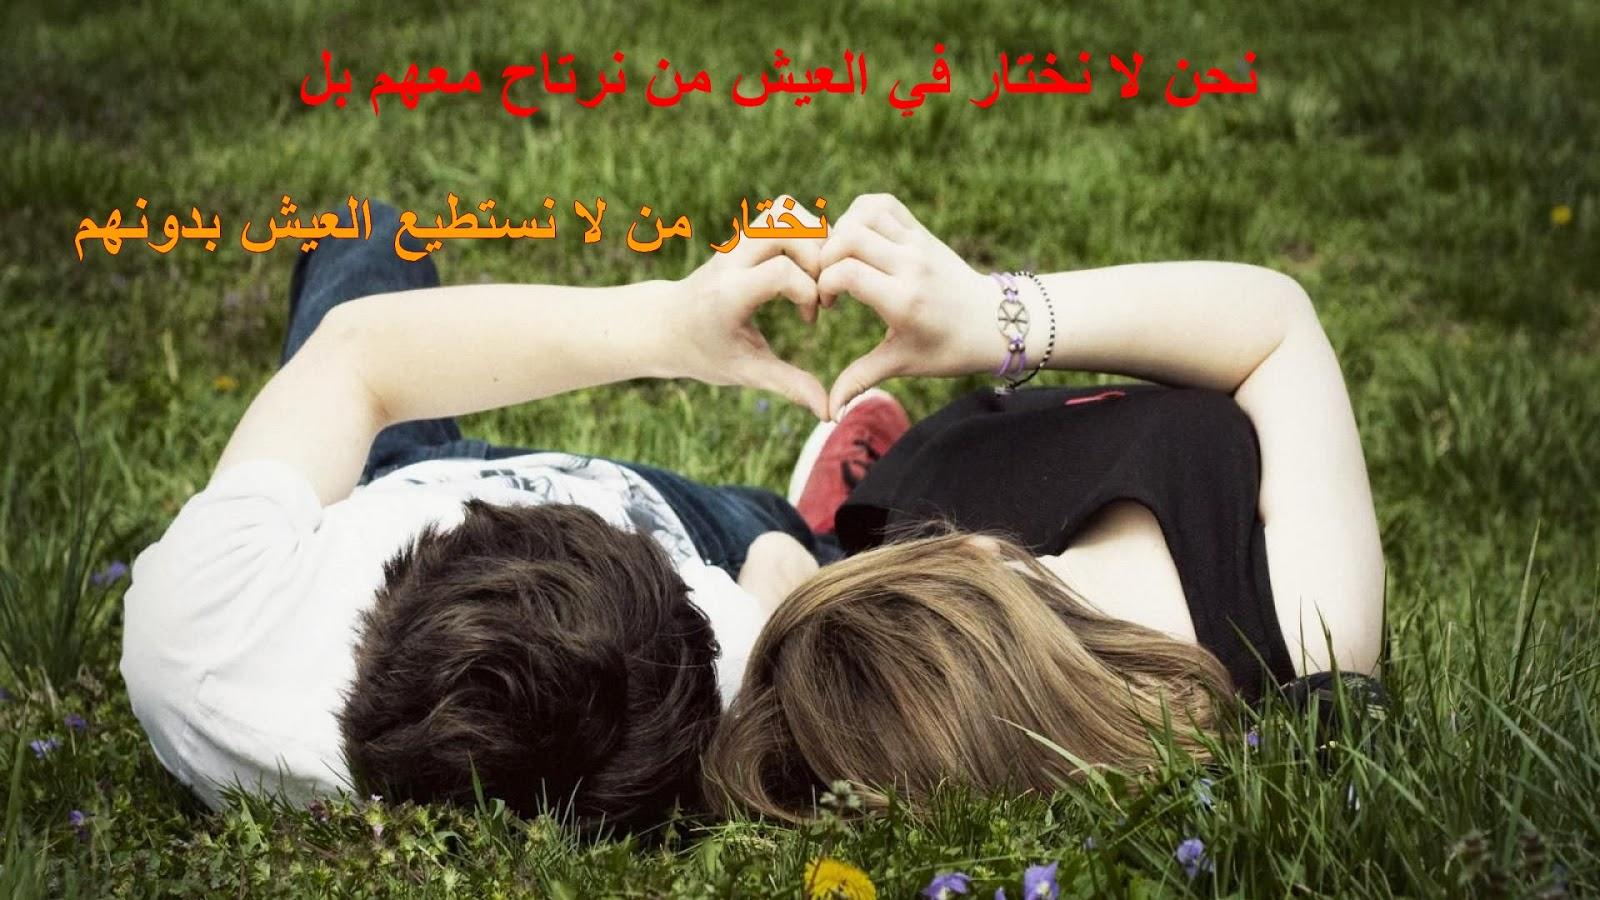 بالصور اجمل كلام عن الحب , الحب واجمل الكلام والافعال من اجل الحب 3551 3